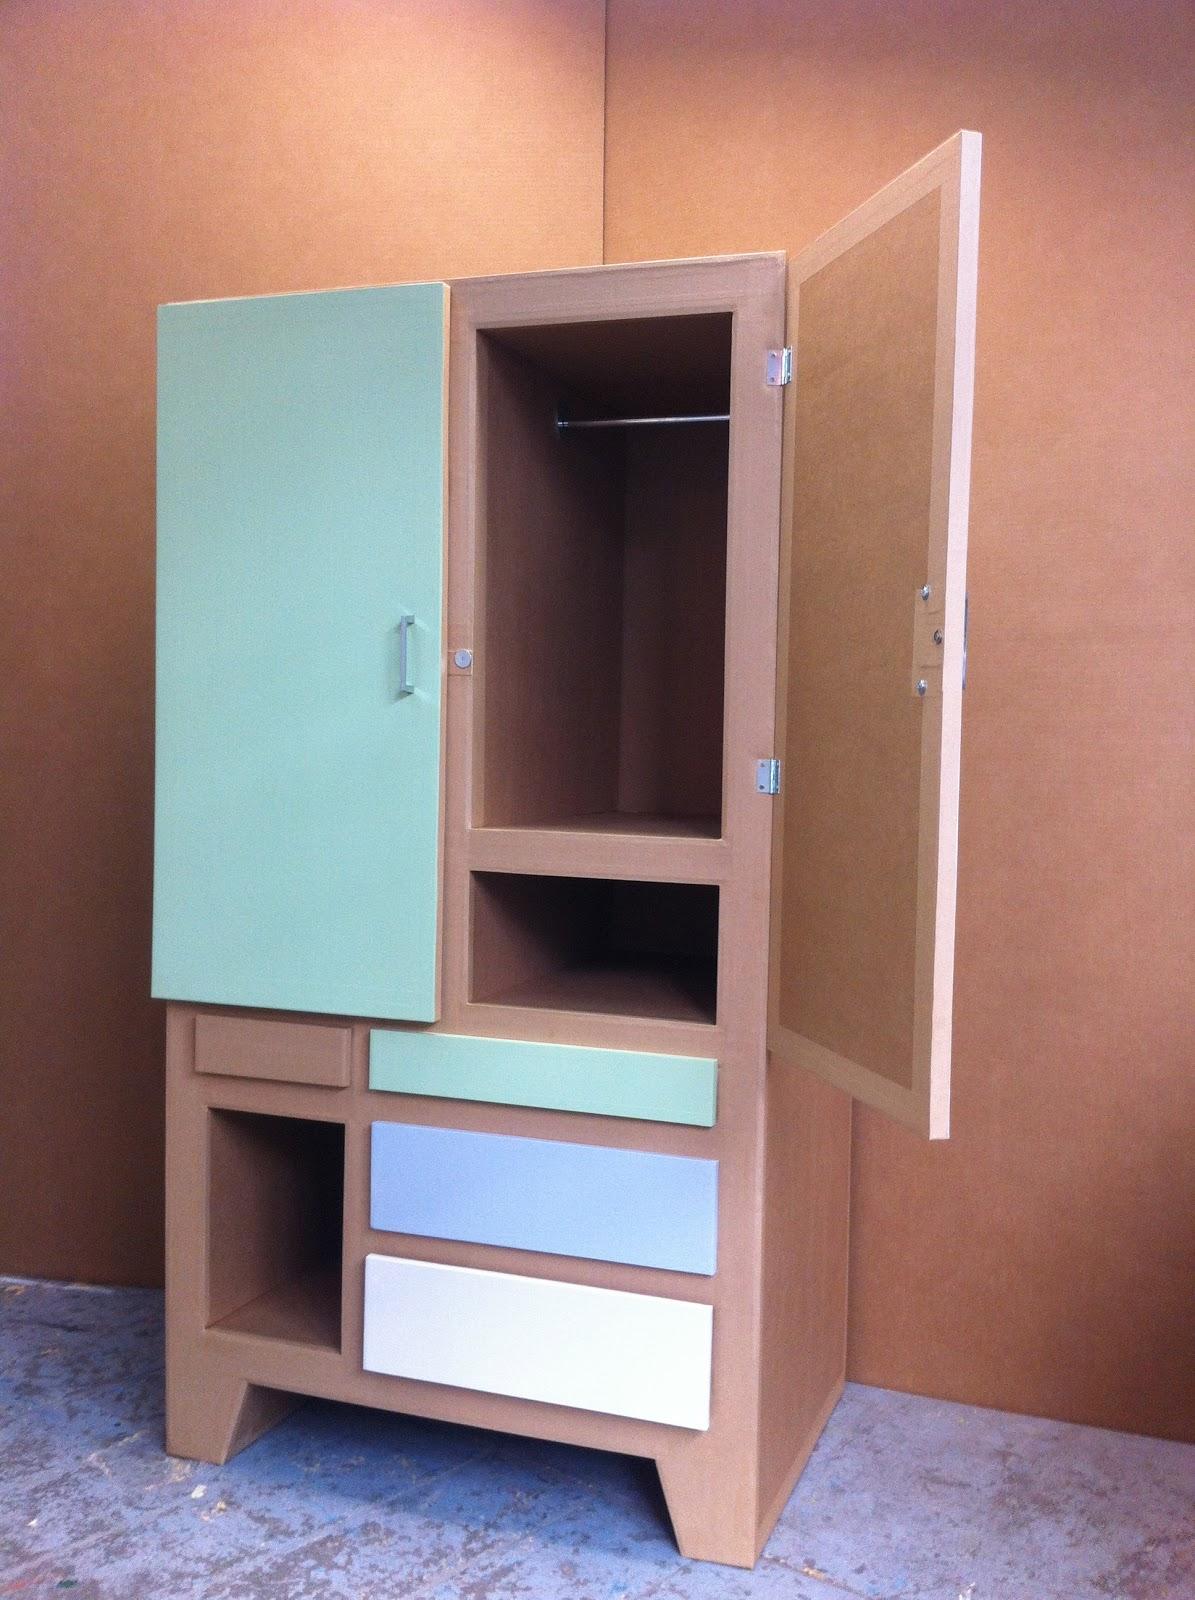 armoire en carton porte battante. création sur mesure. fabriqué à marseille par juliadesign.